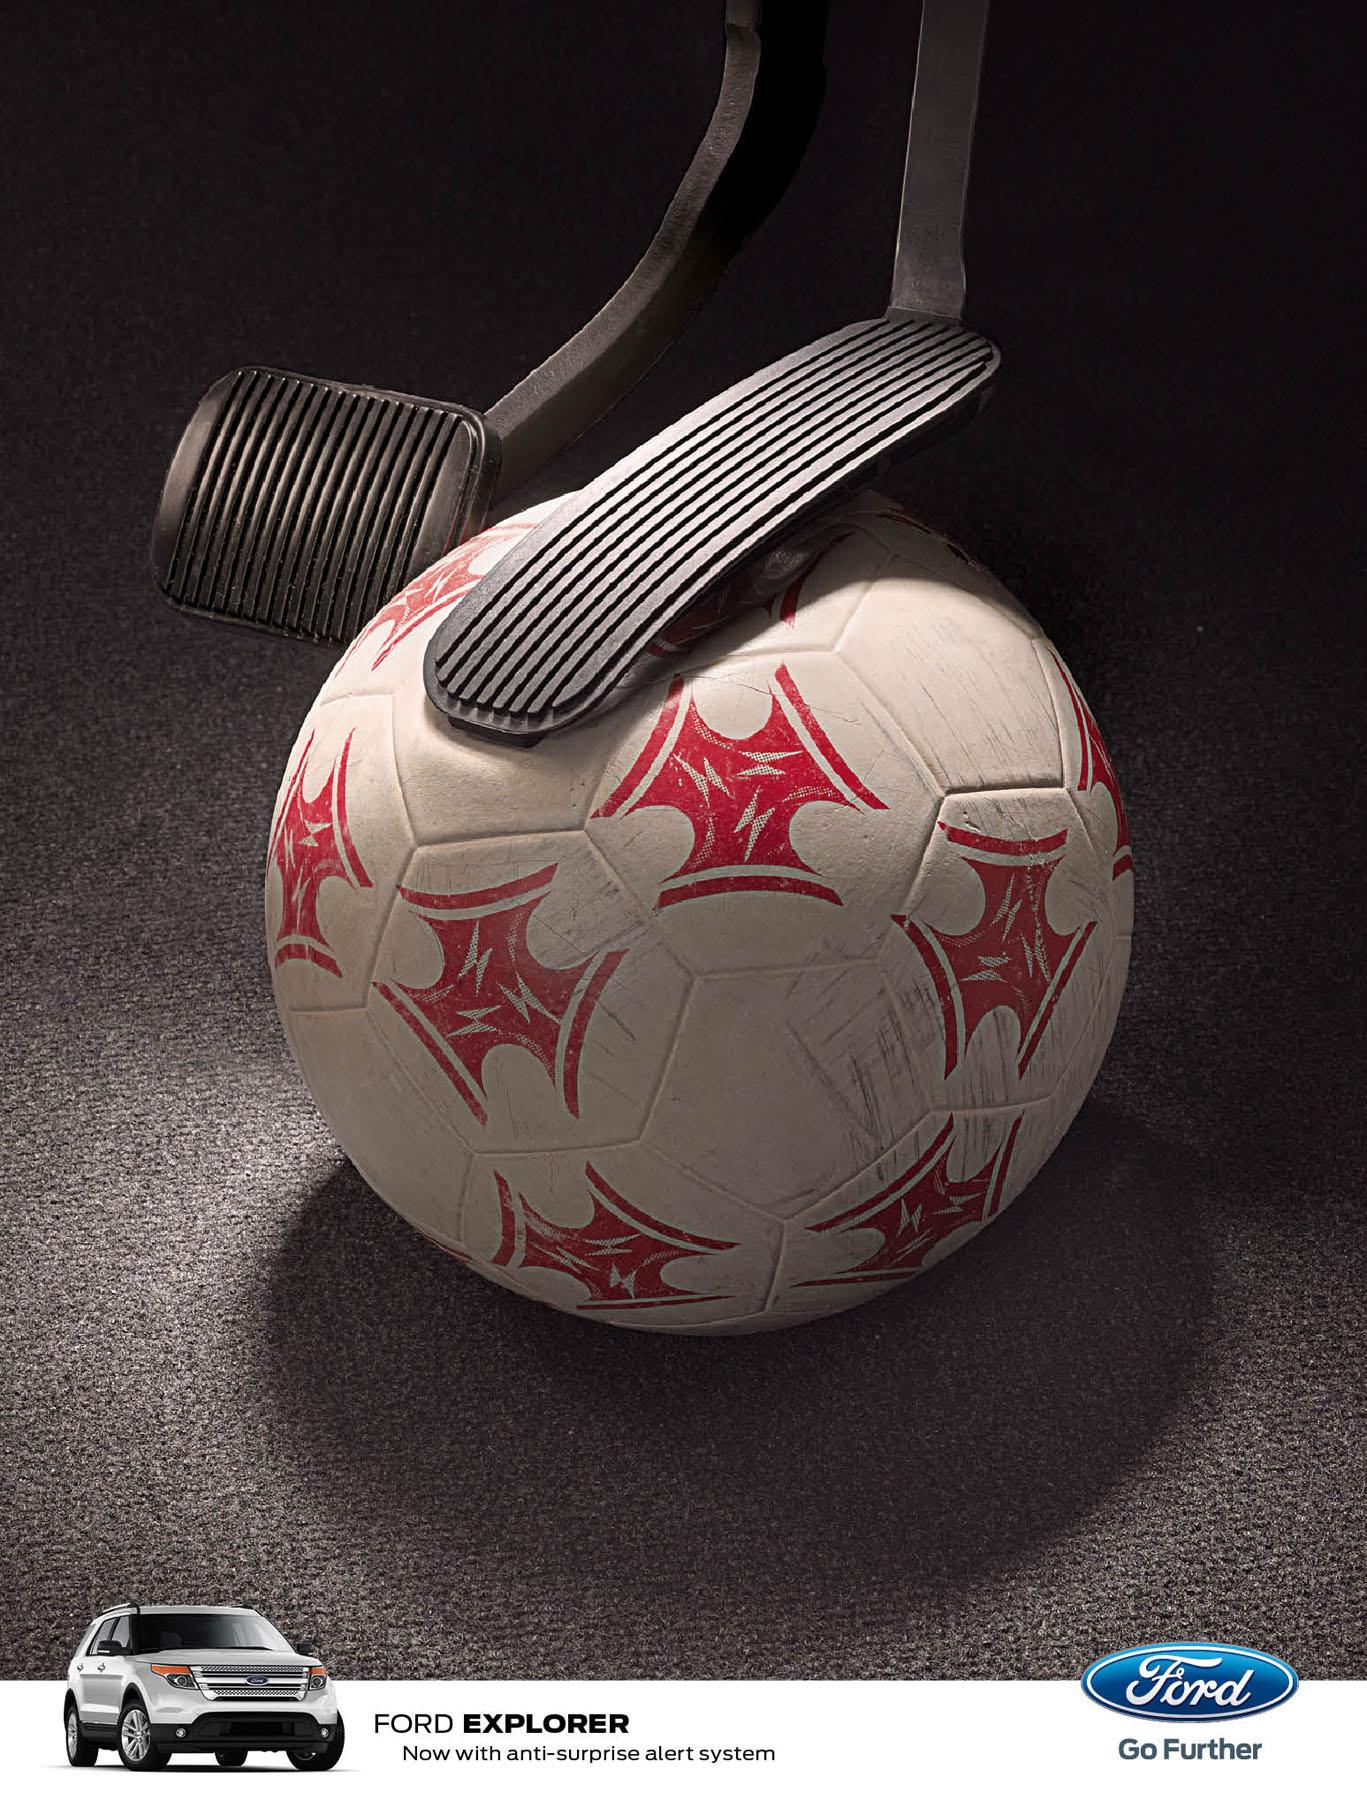 Spécial Coupe du Monde de Football : Les 100 plus belles publicités sur le foot ! 50